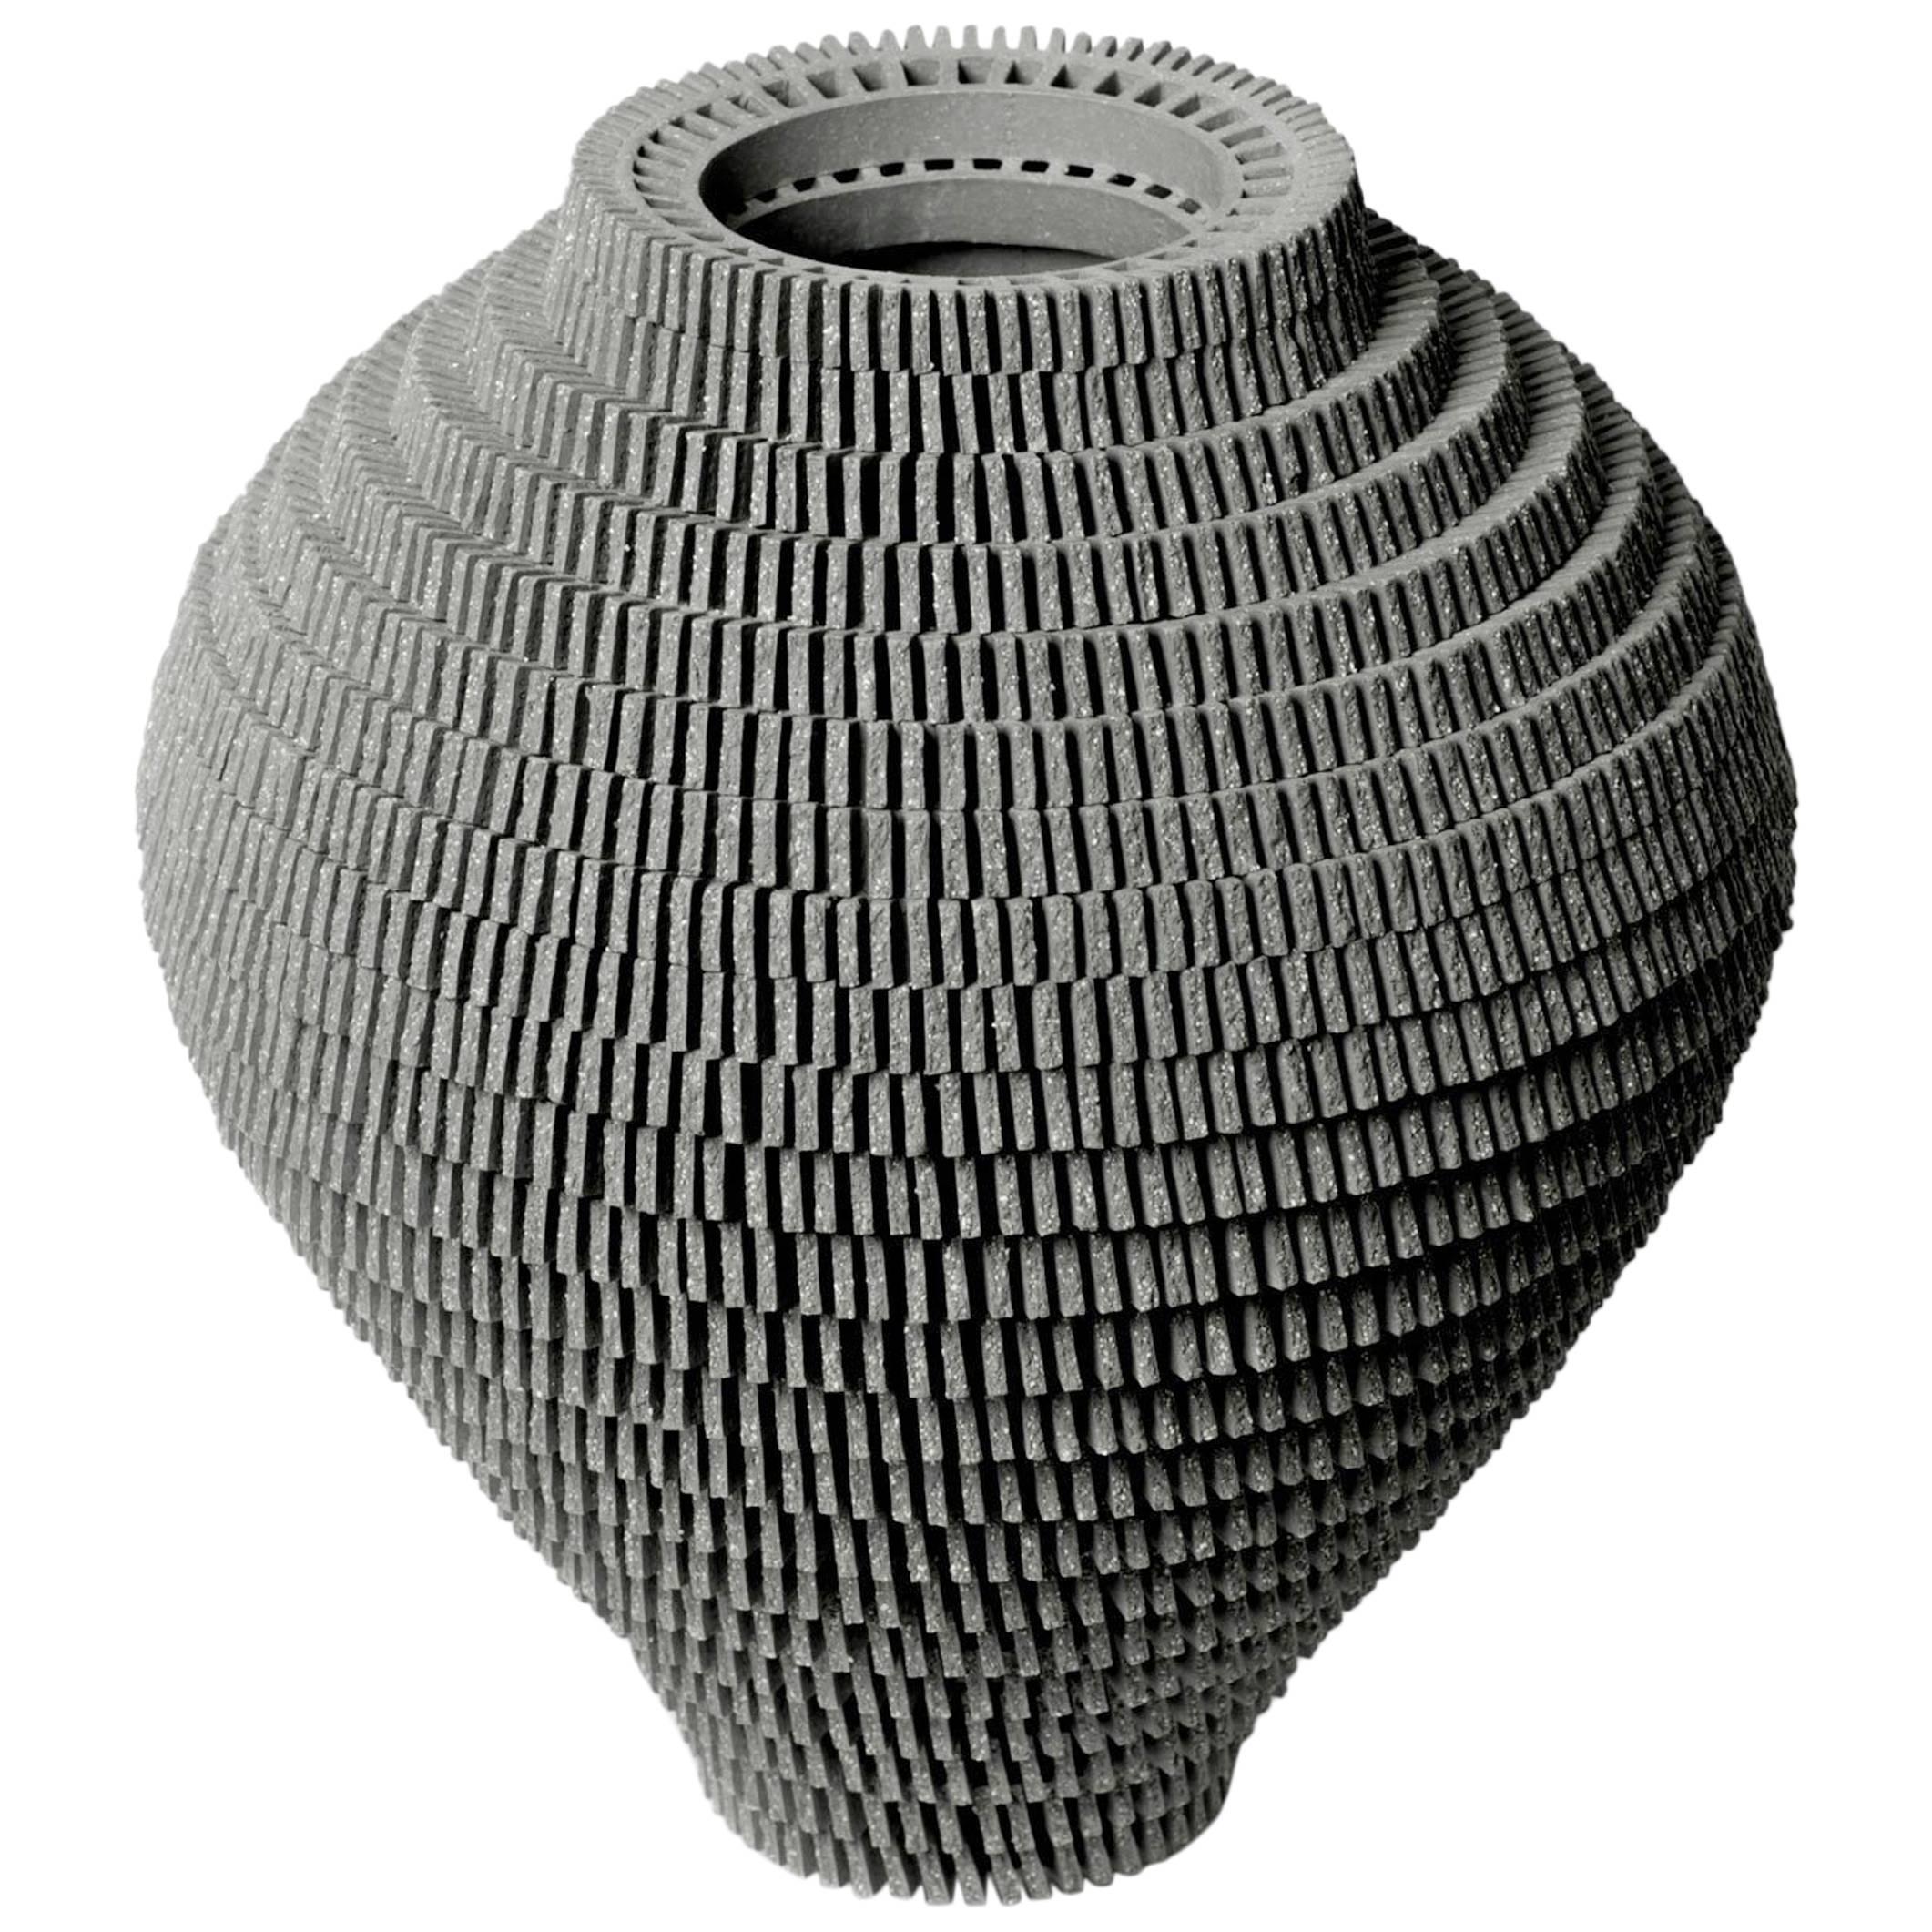 Contemporary Grey Ceramic Vessel by Bae Sejin